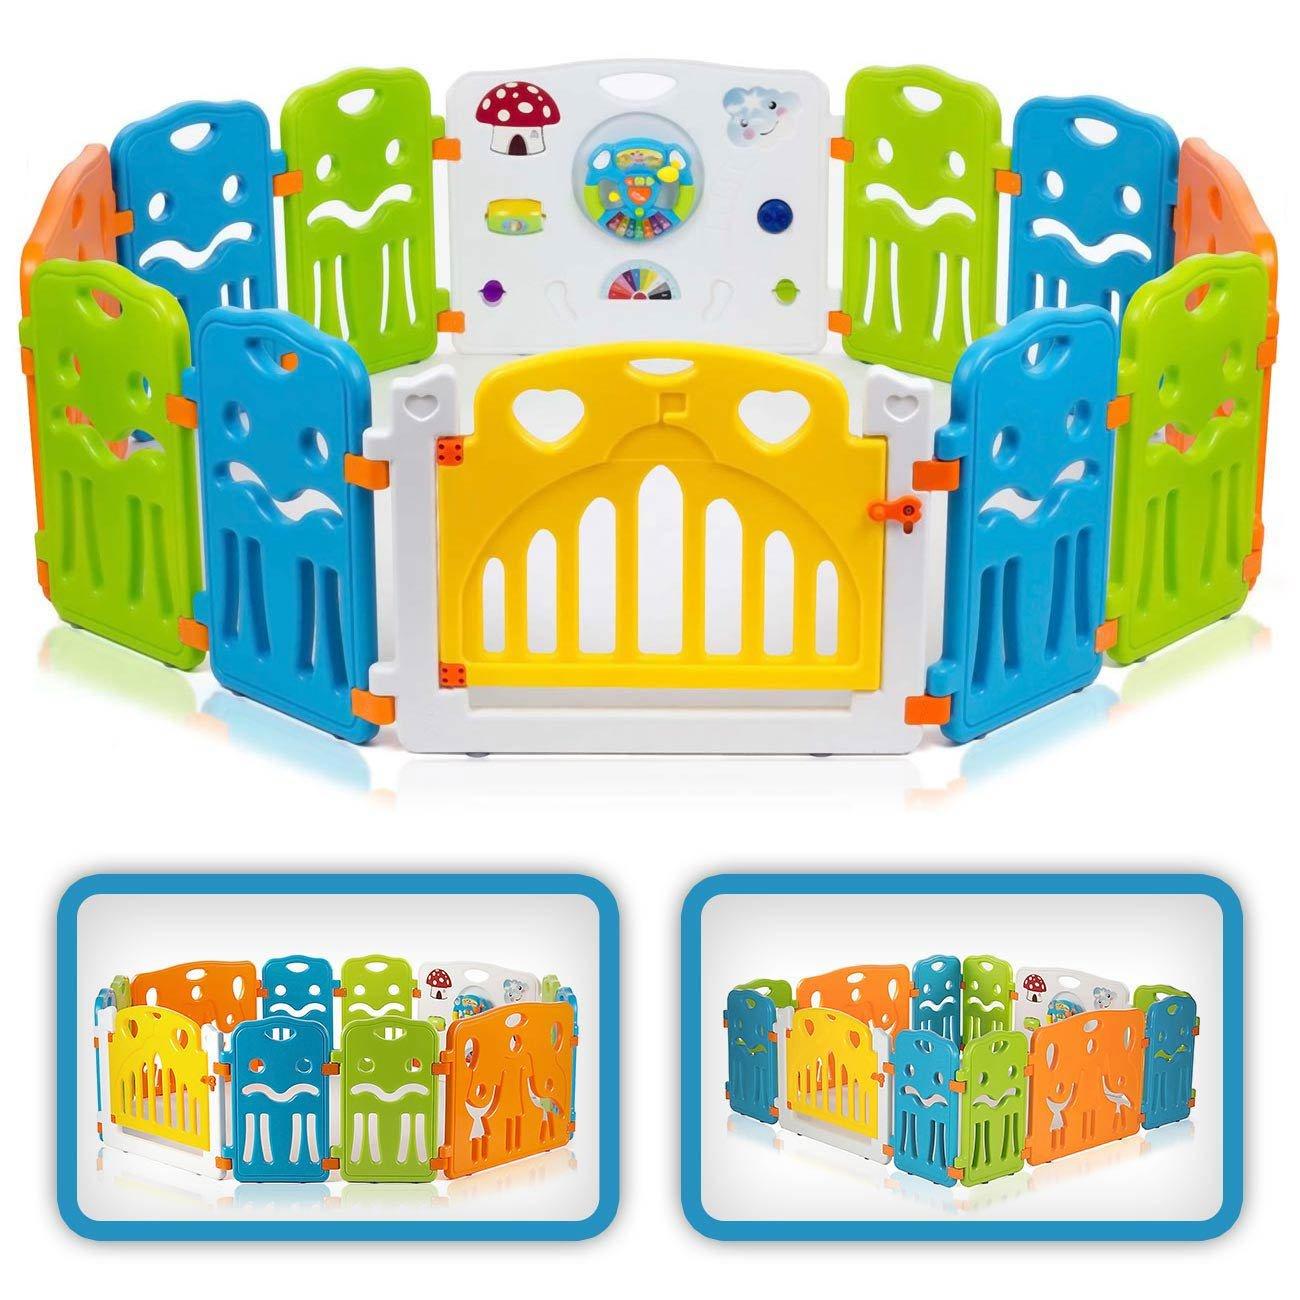 Baby Vivo Parc Bébé Barrière Securitè avec Porte Plastique Enfant Protection Grand Jeu Extensible - COLORS XL product image